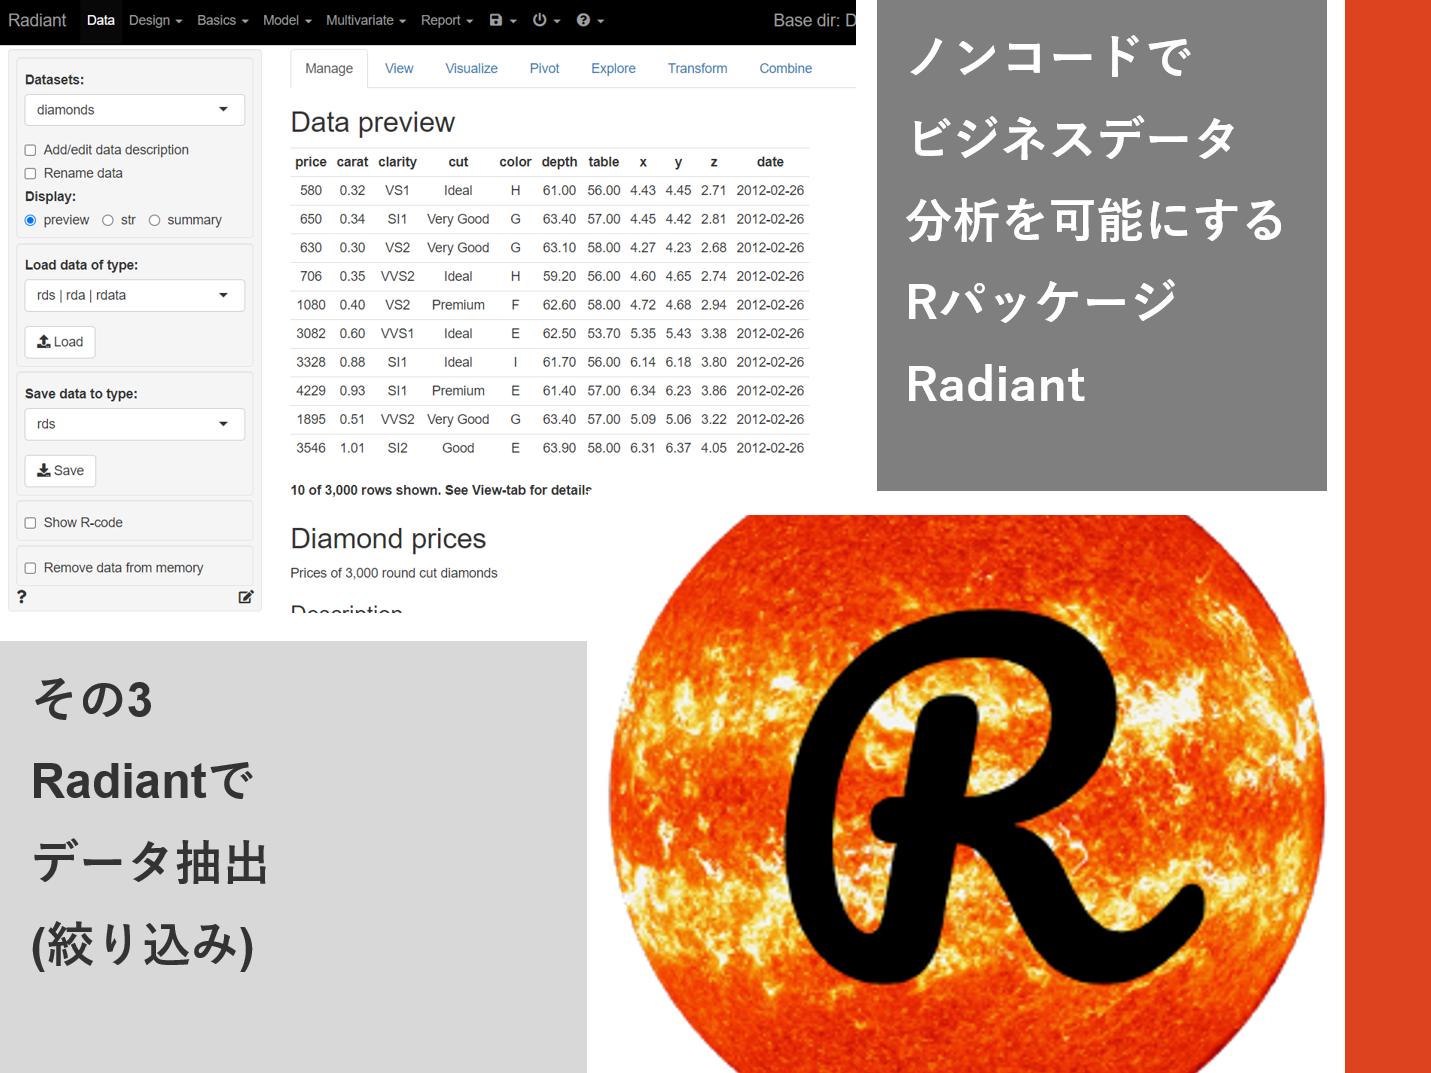 ノンコードでビジネスデータ分析を可能にするRパッケージRadiant<br>その3(Radiantでデータ抽出(絞り込み))